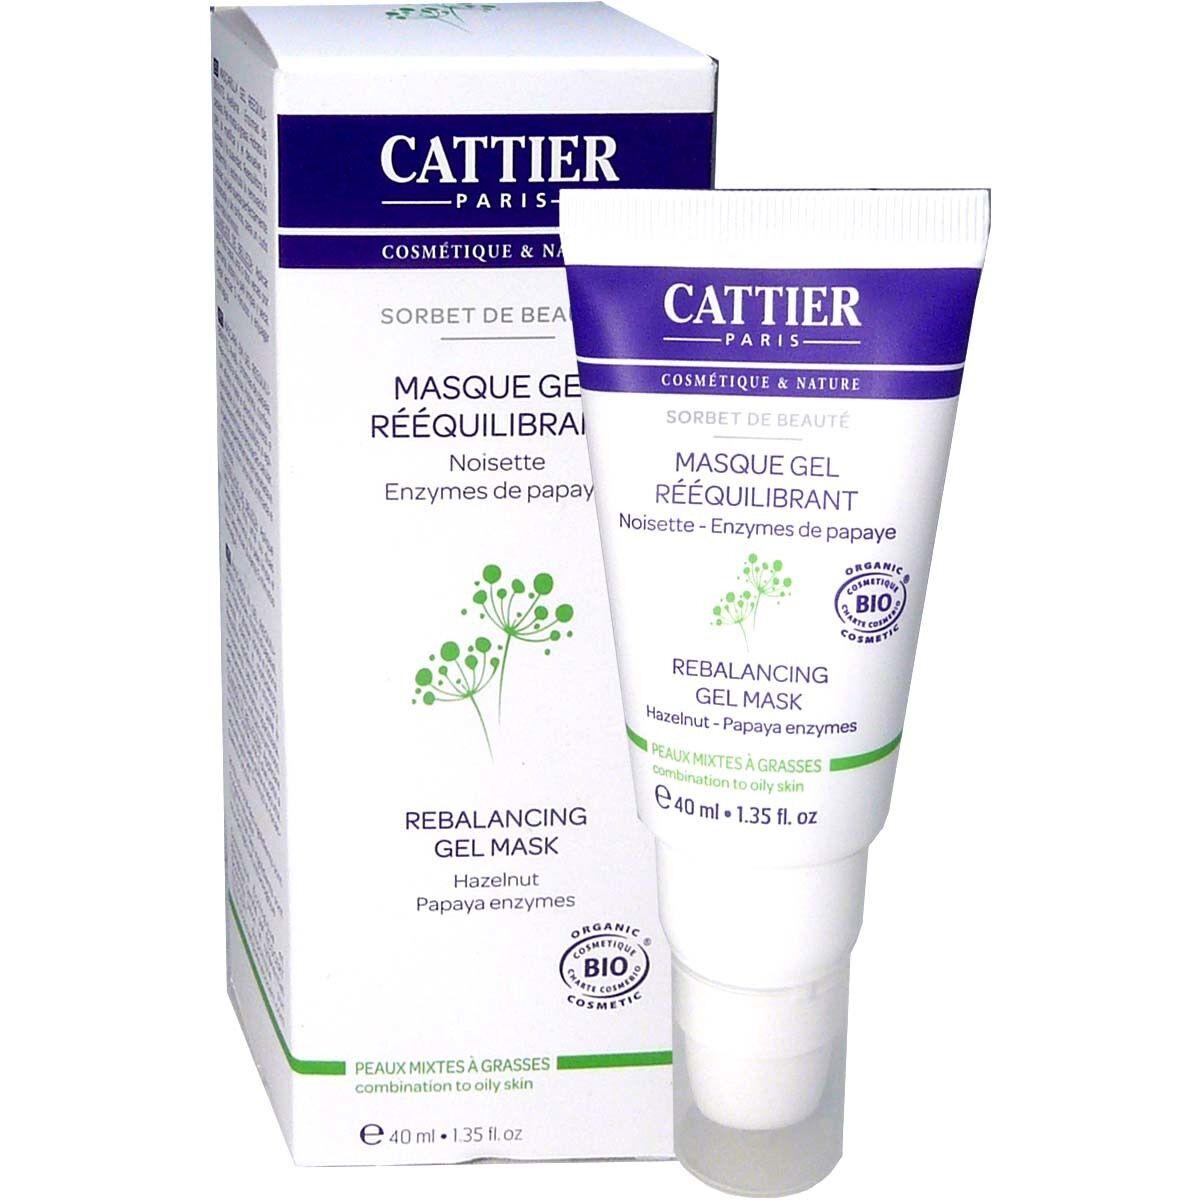 Cattier masque gel reequilibrant bio 40 ml